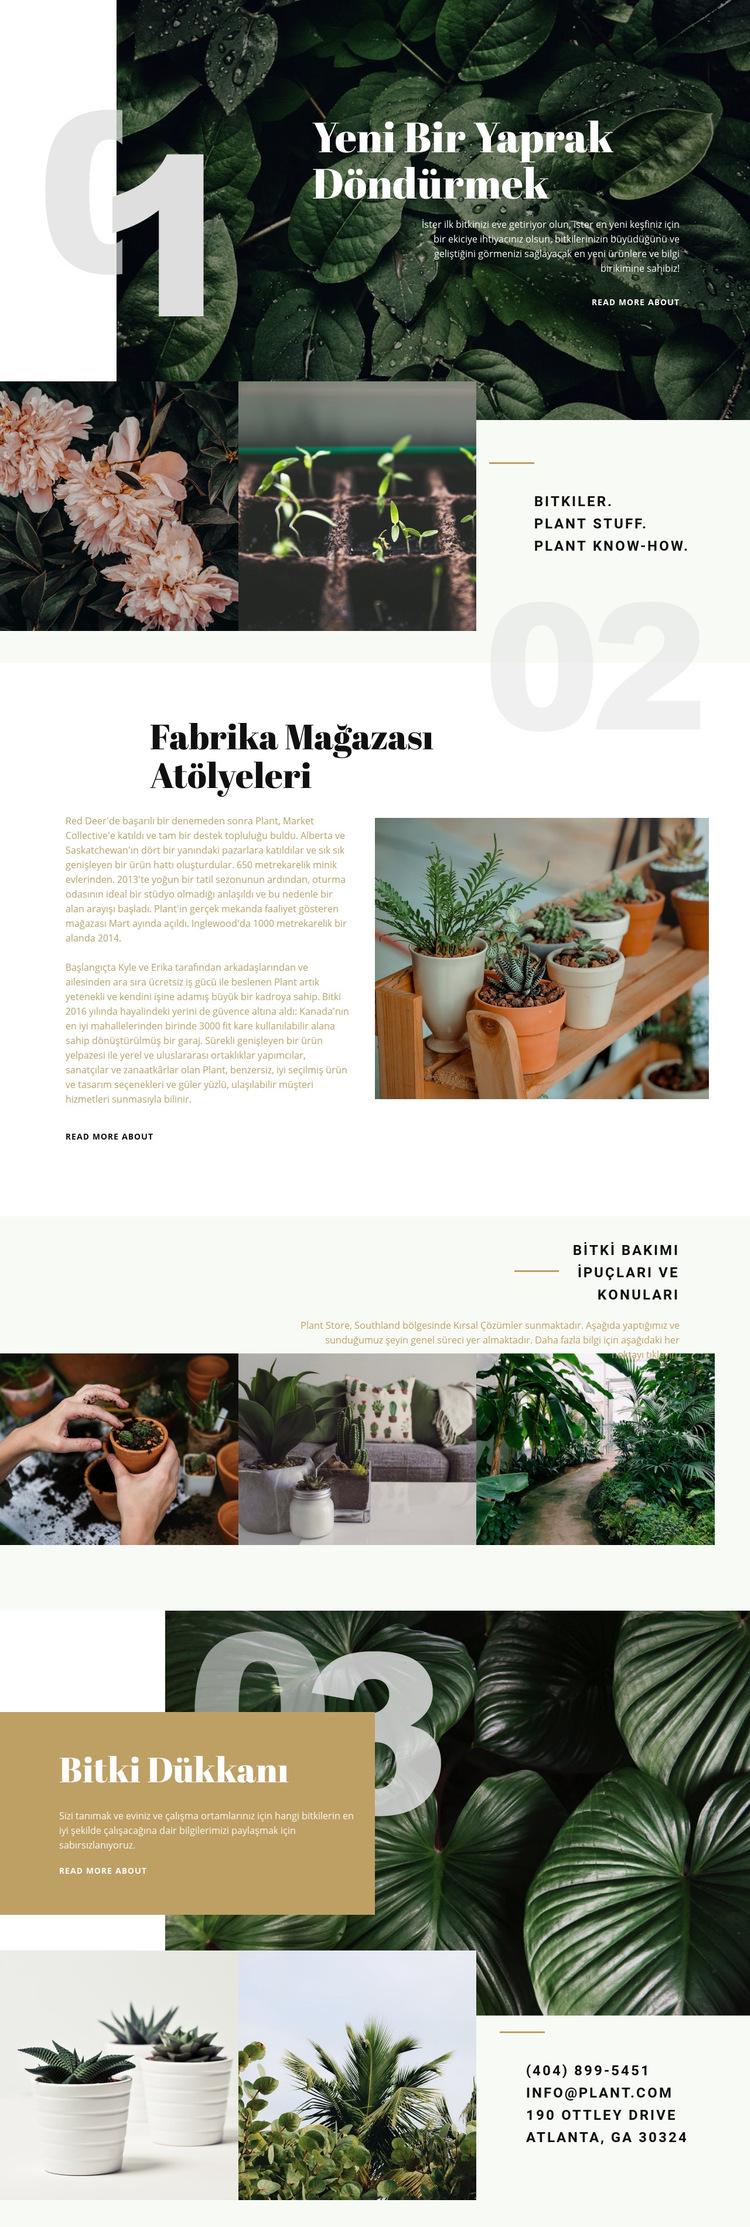 Bitki Dükkanı Web Sitesi Şablonu